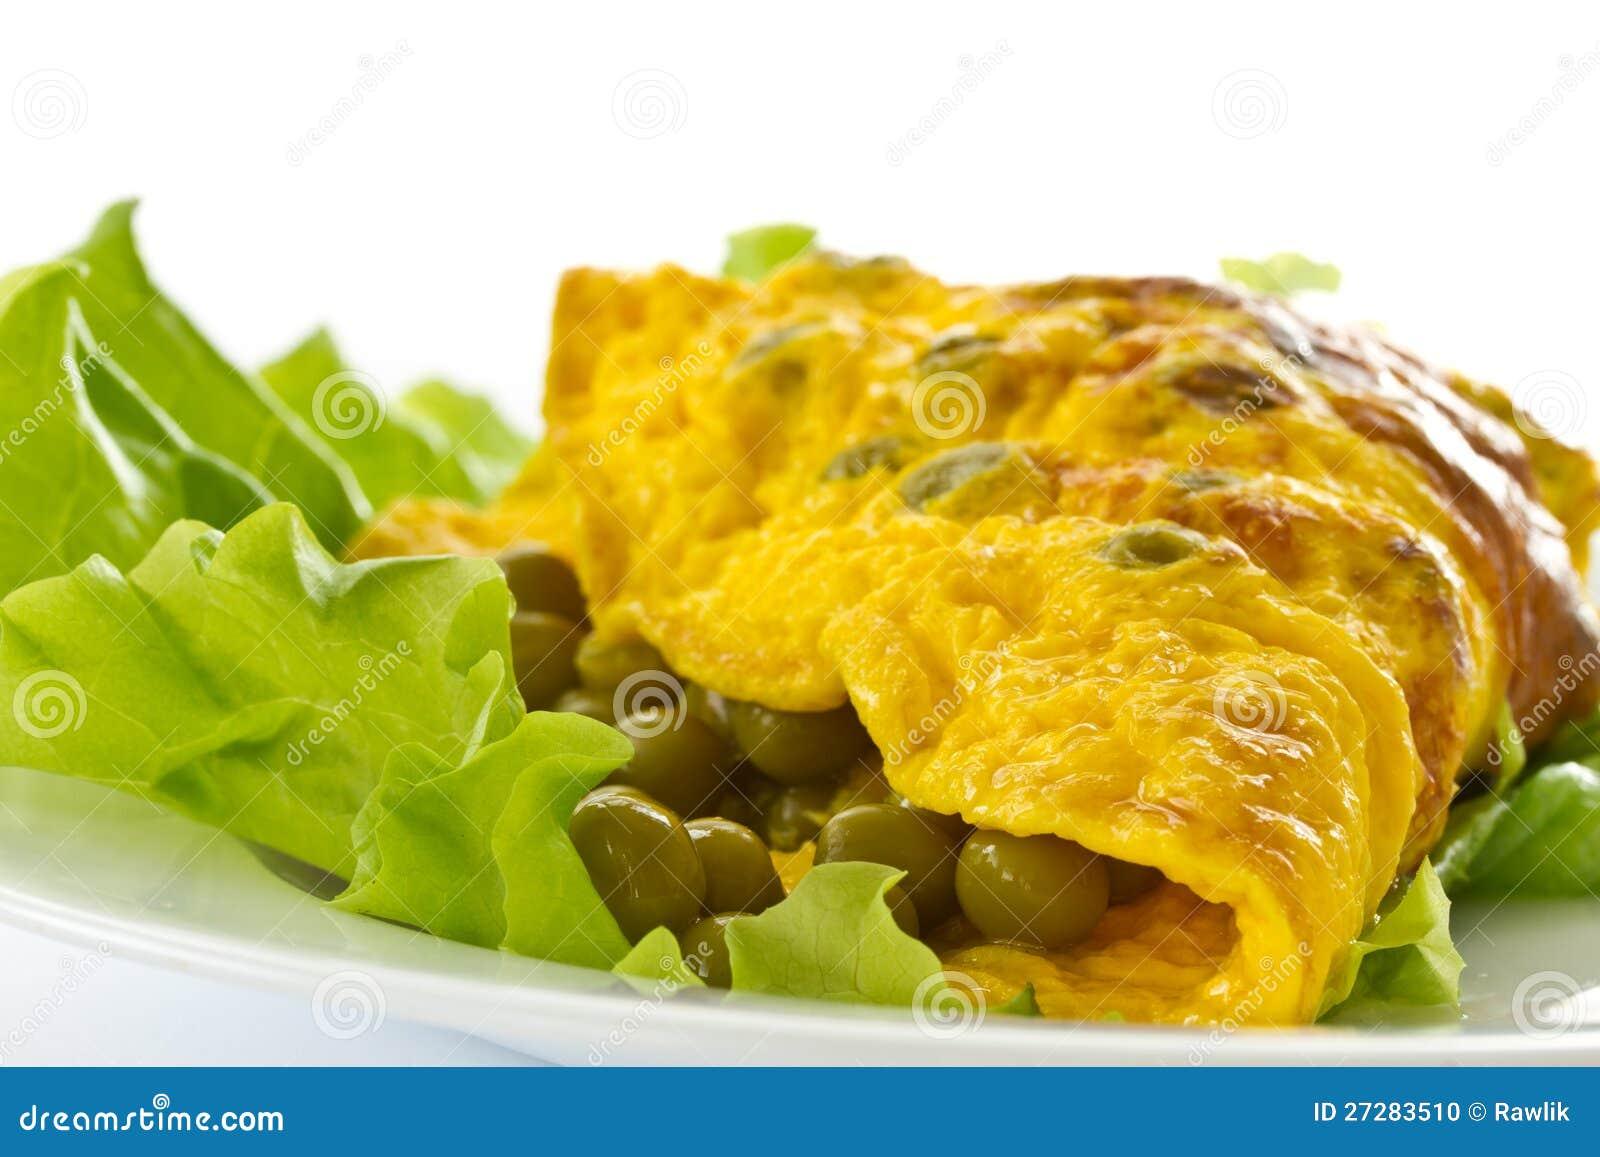 Omelett med gröna ärtor